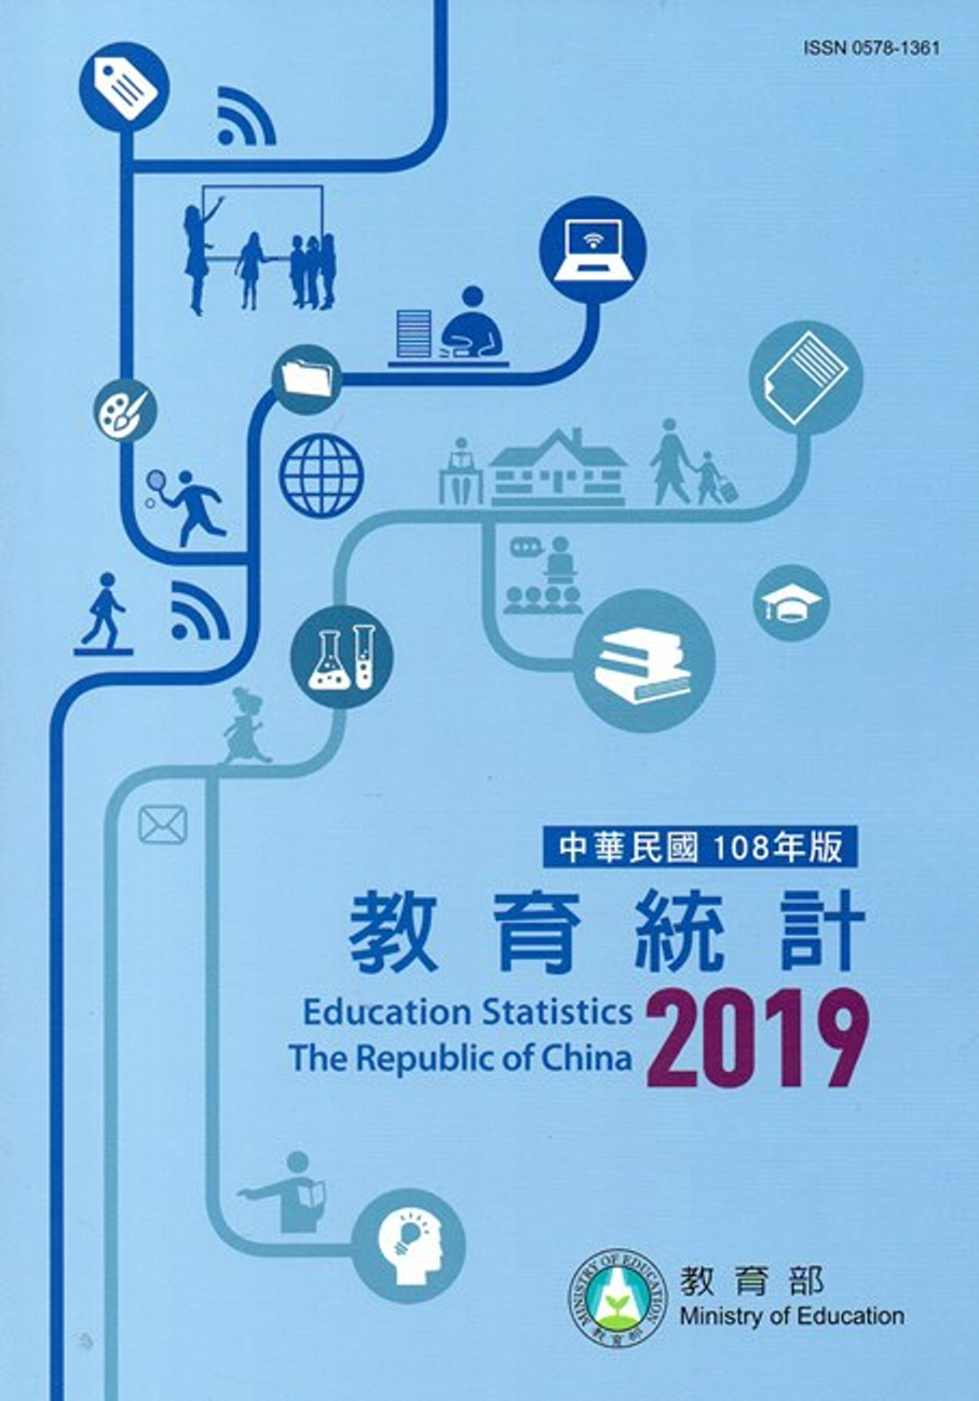 中華民國教育統計108年